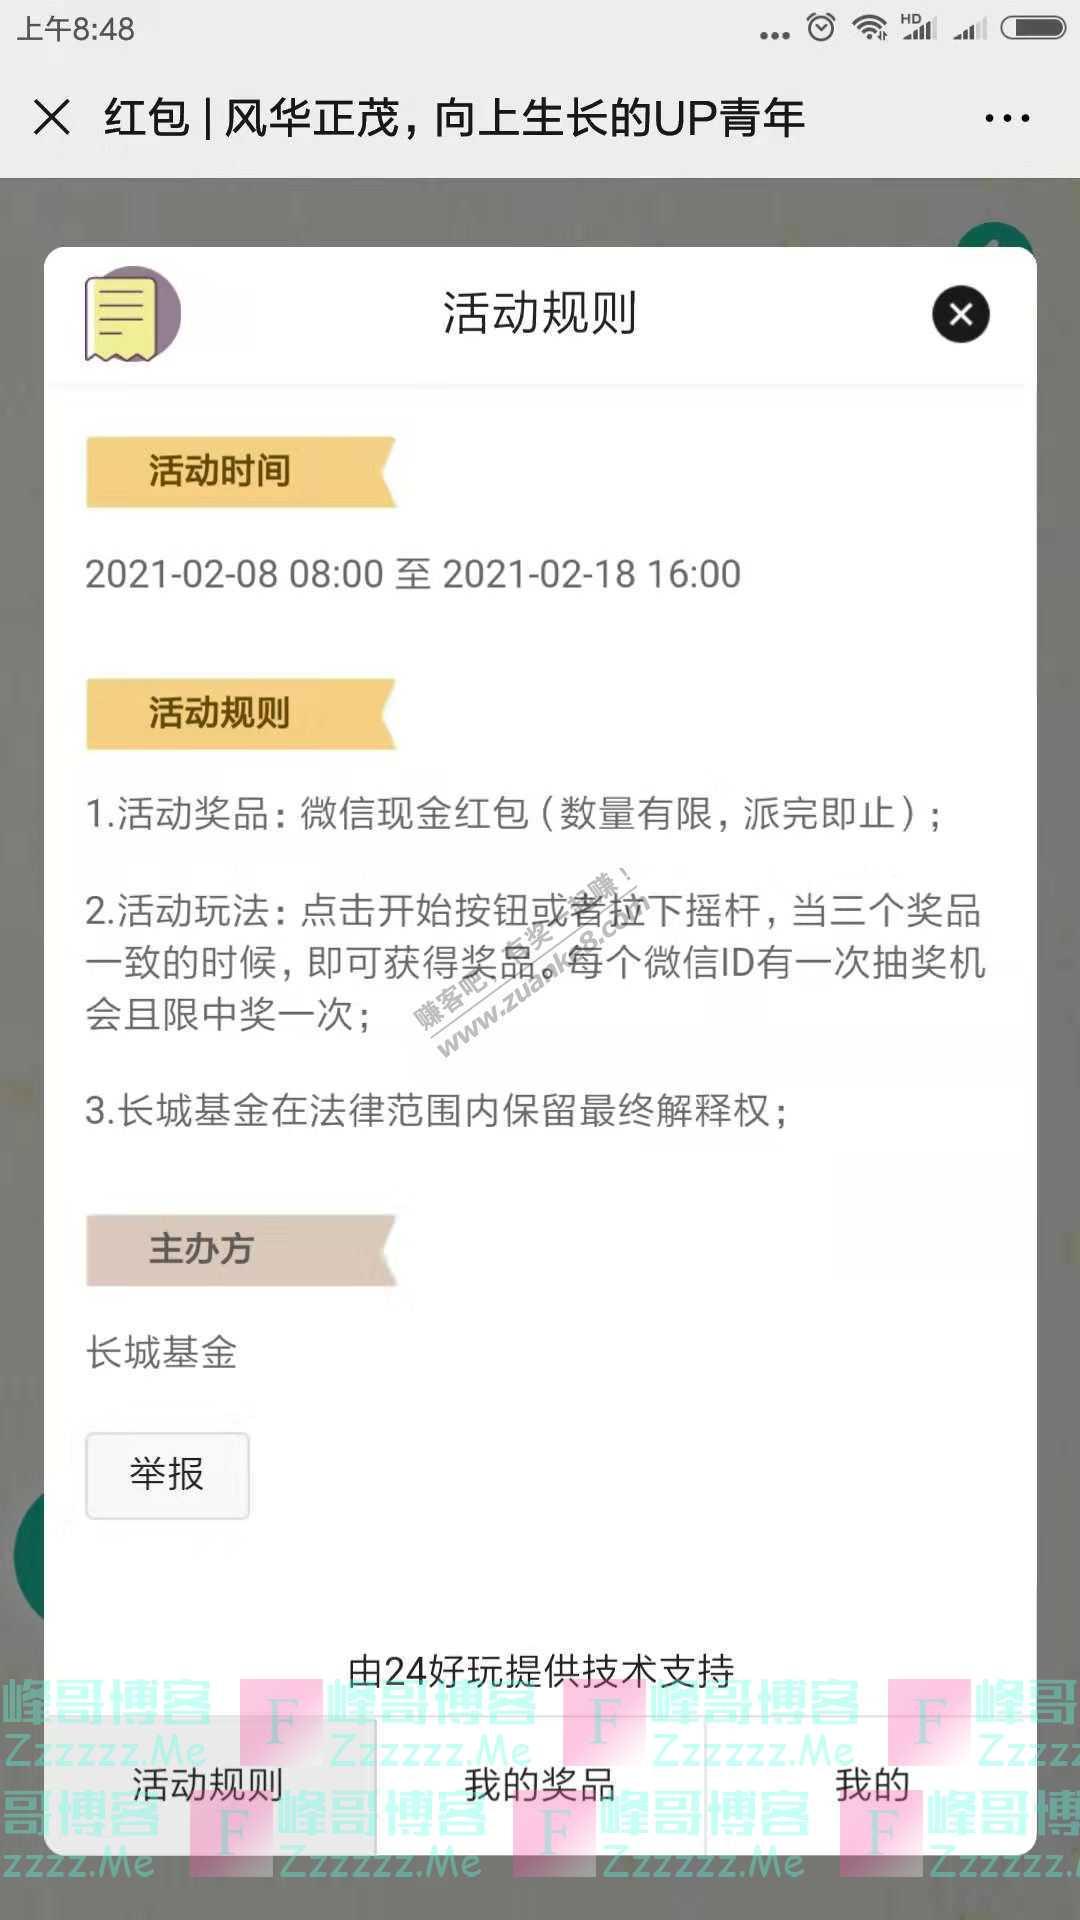 长城基金红包 | 风华正茂,向上生长的UP青年(截止2月18日)